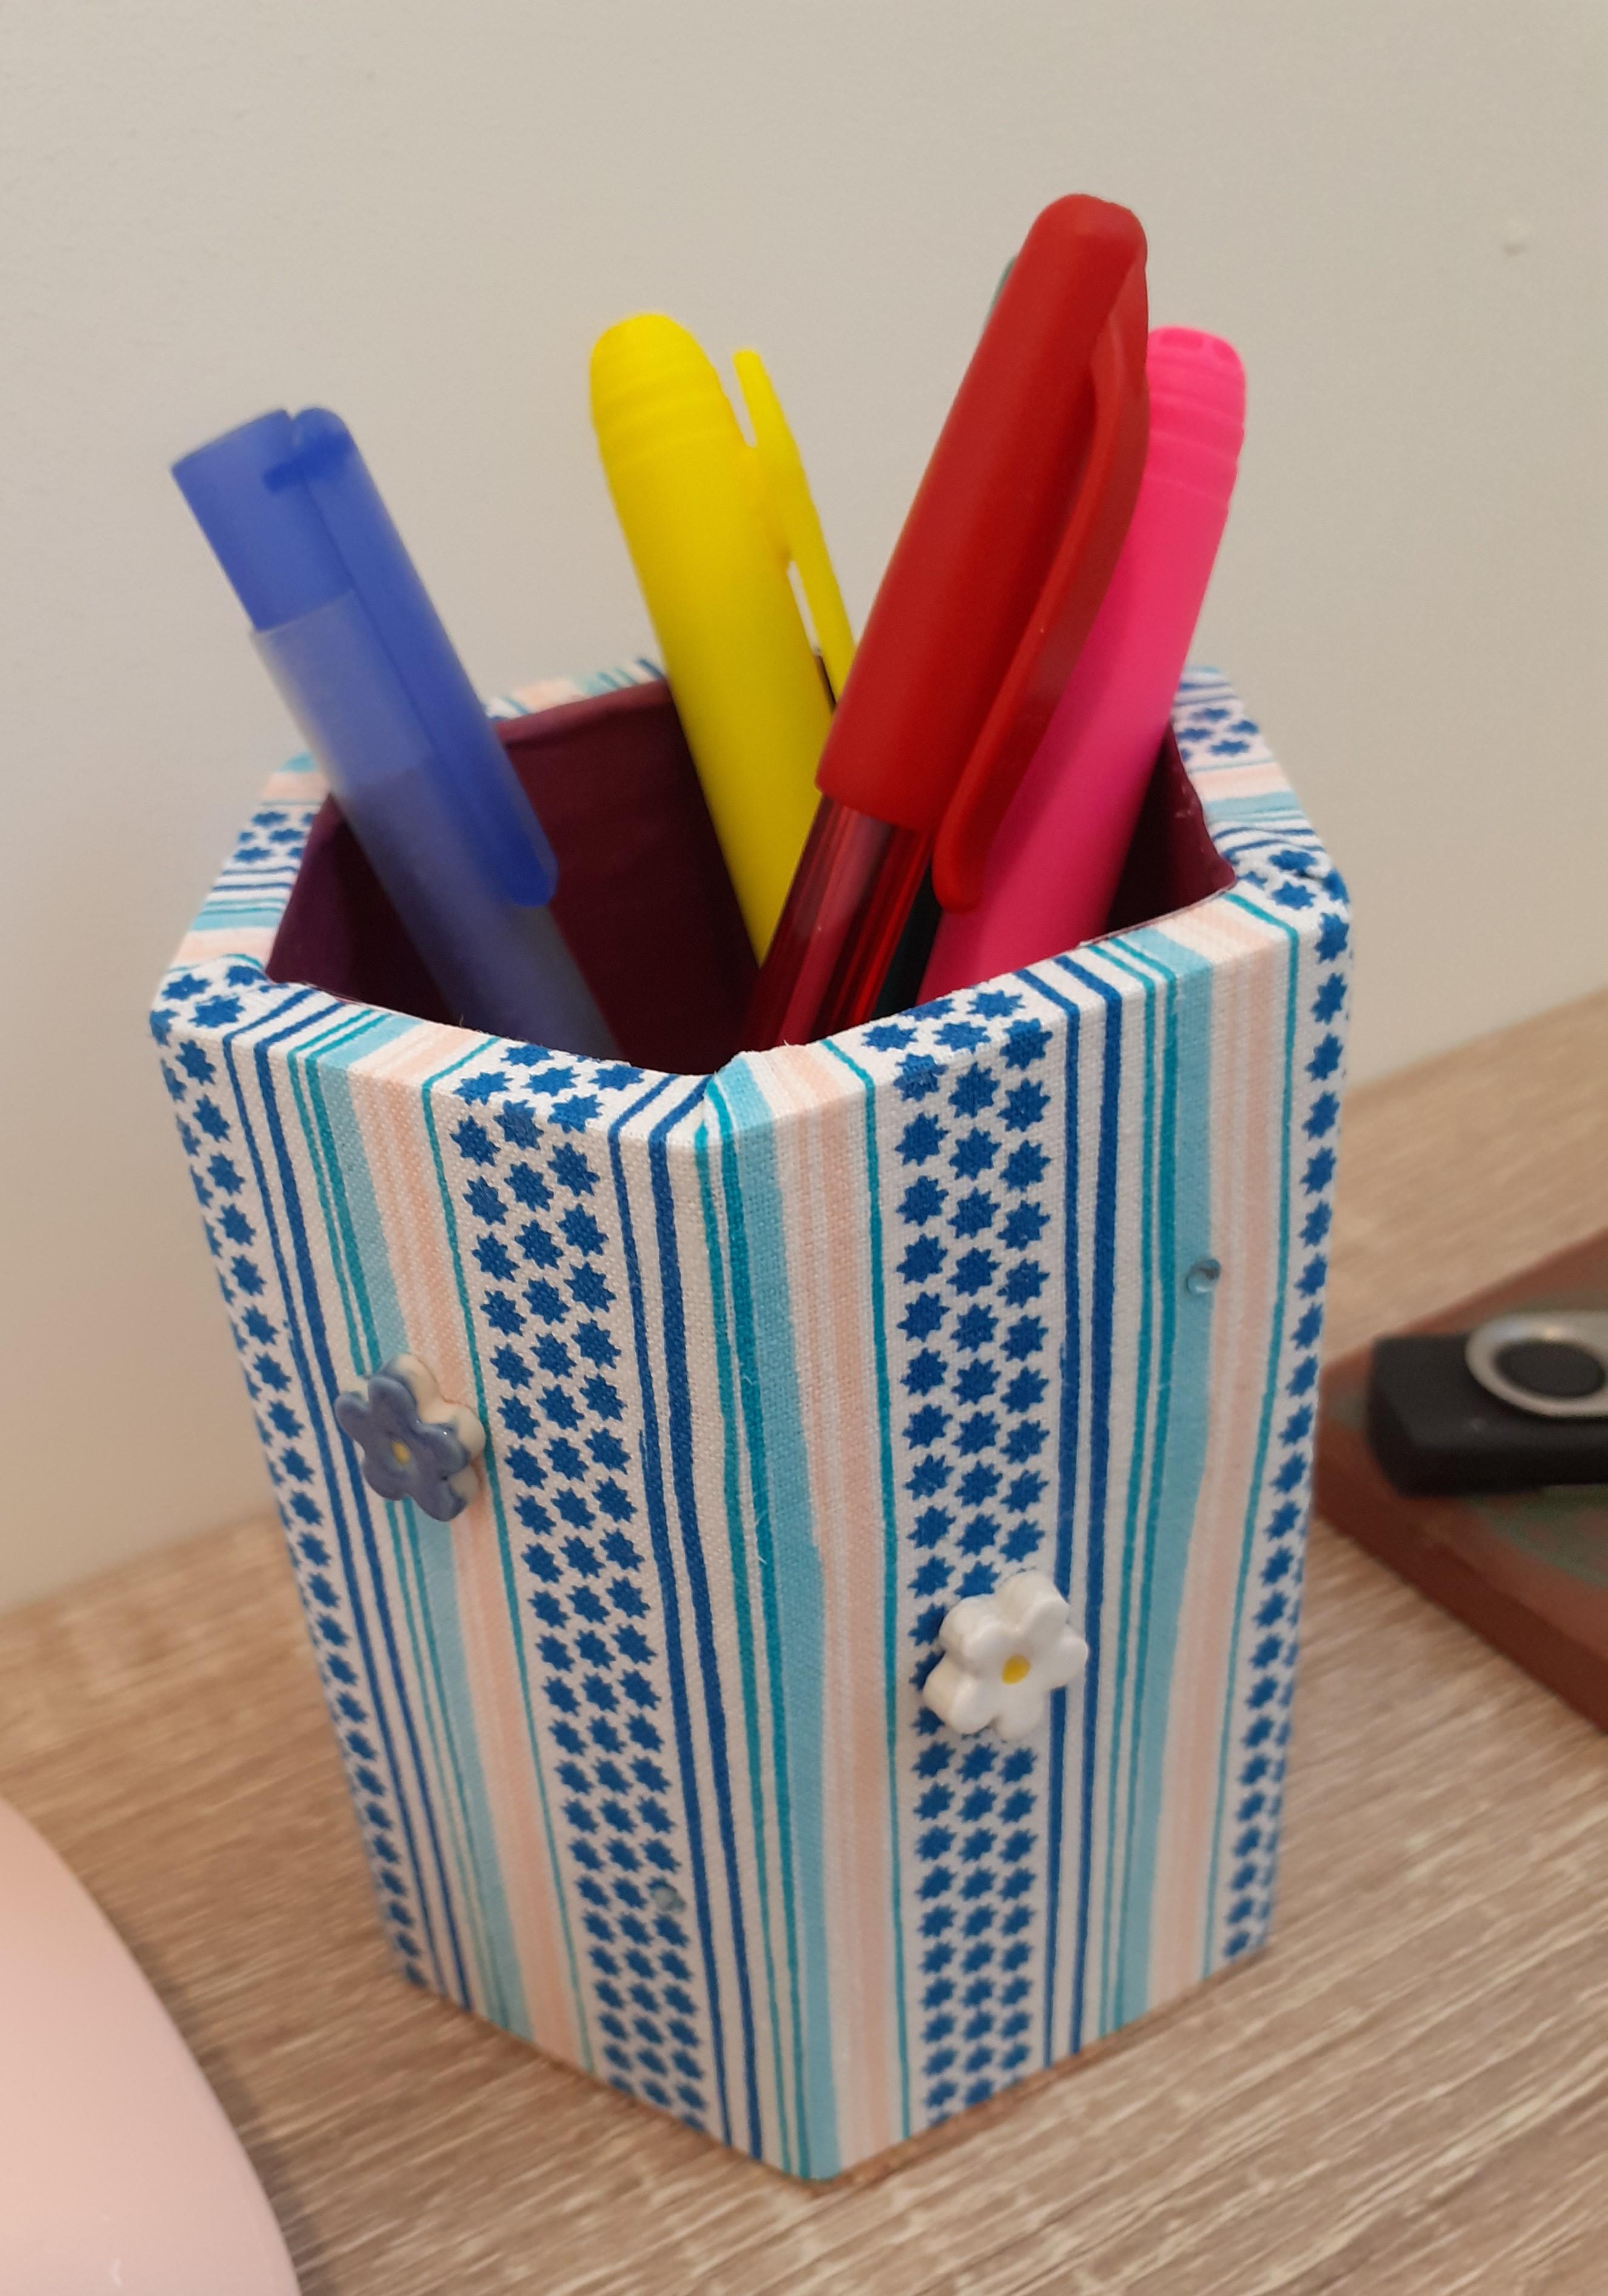 Wood Pen Holder - blue-white stripes